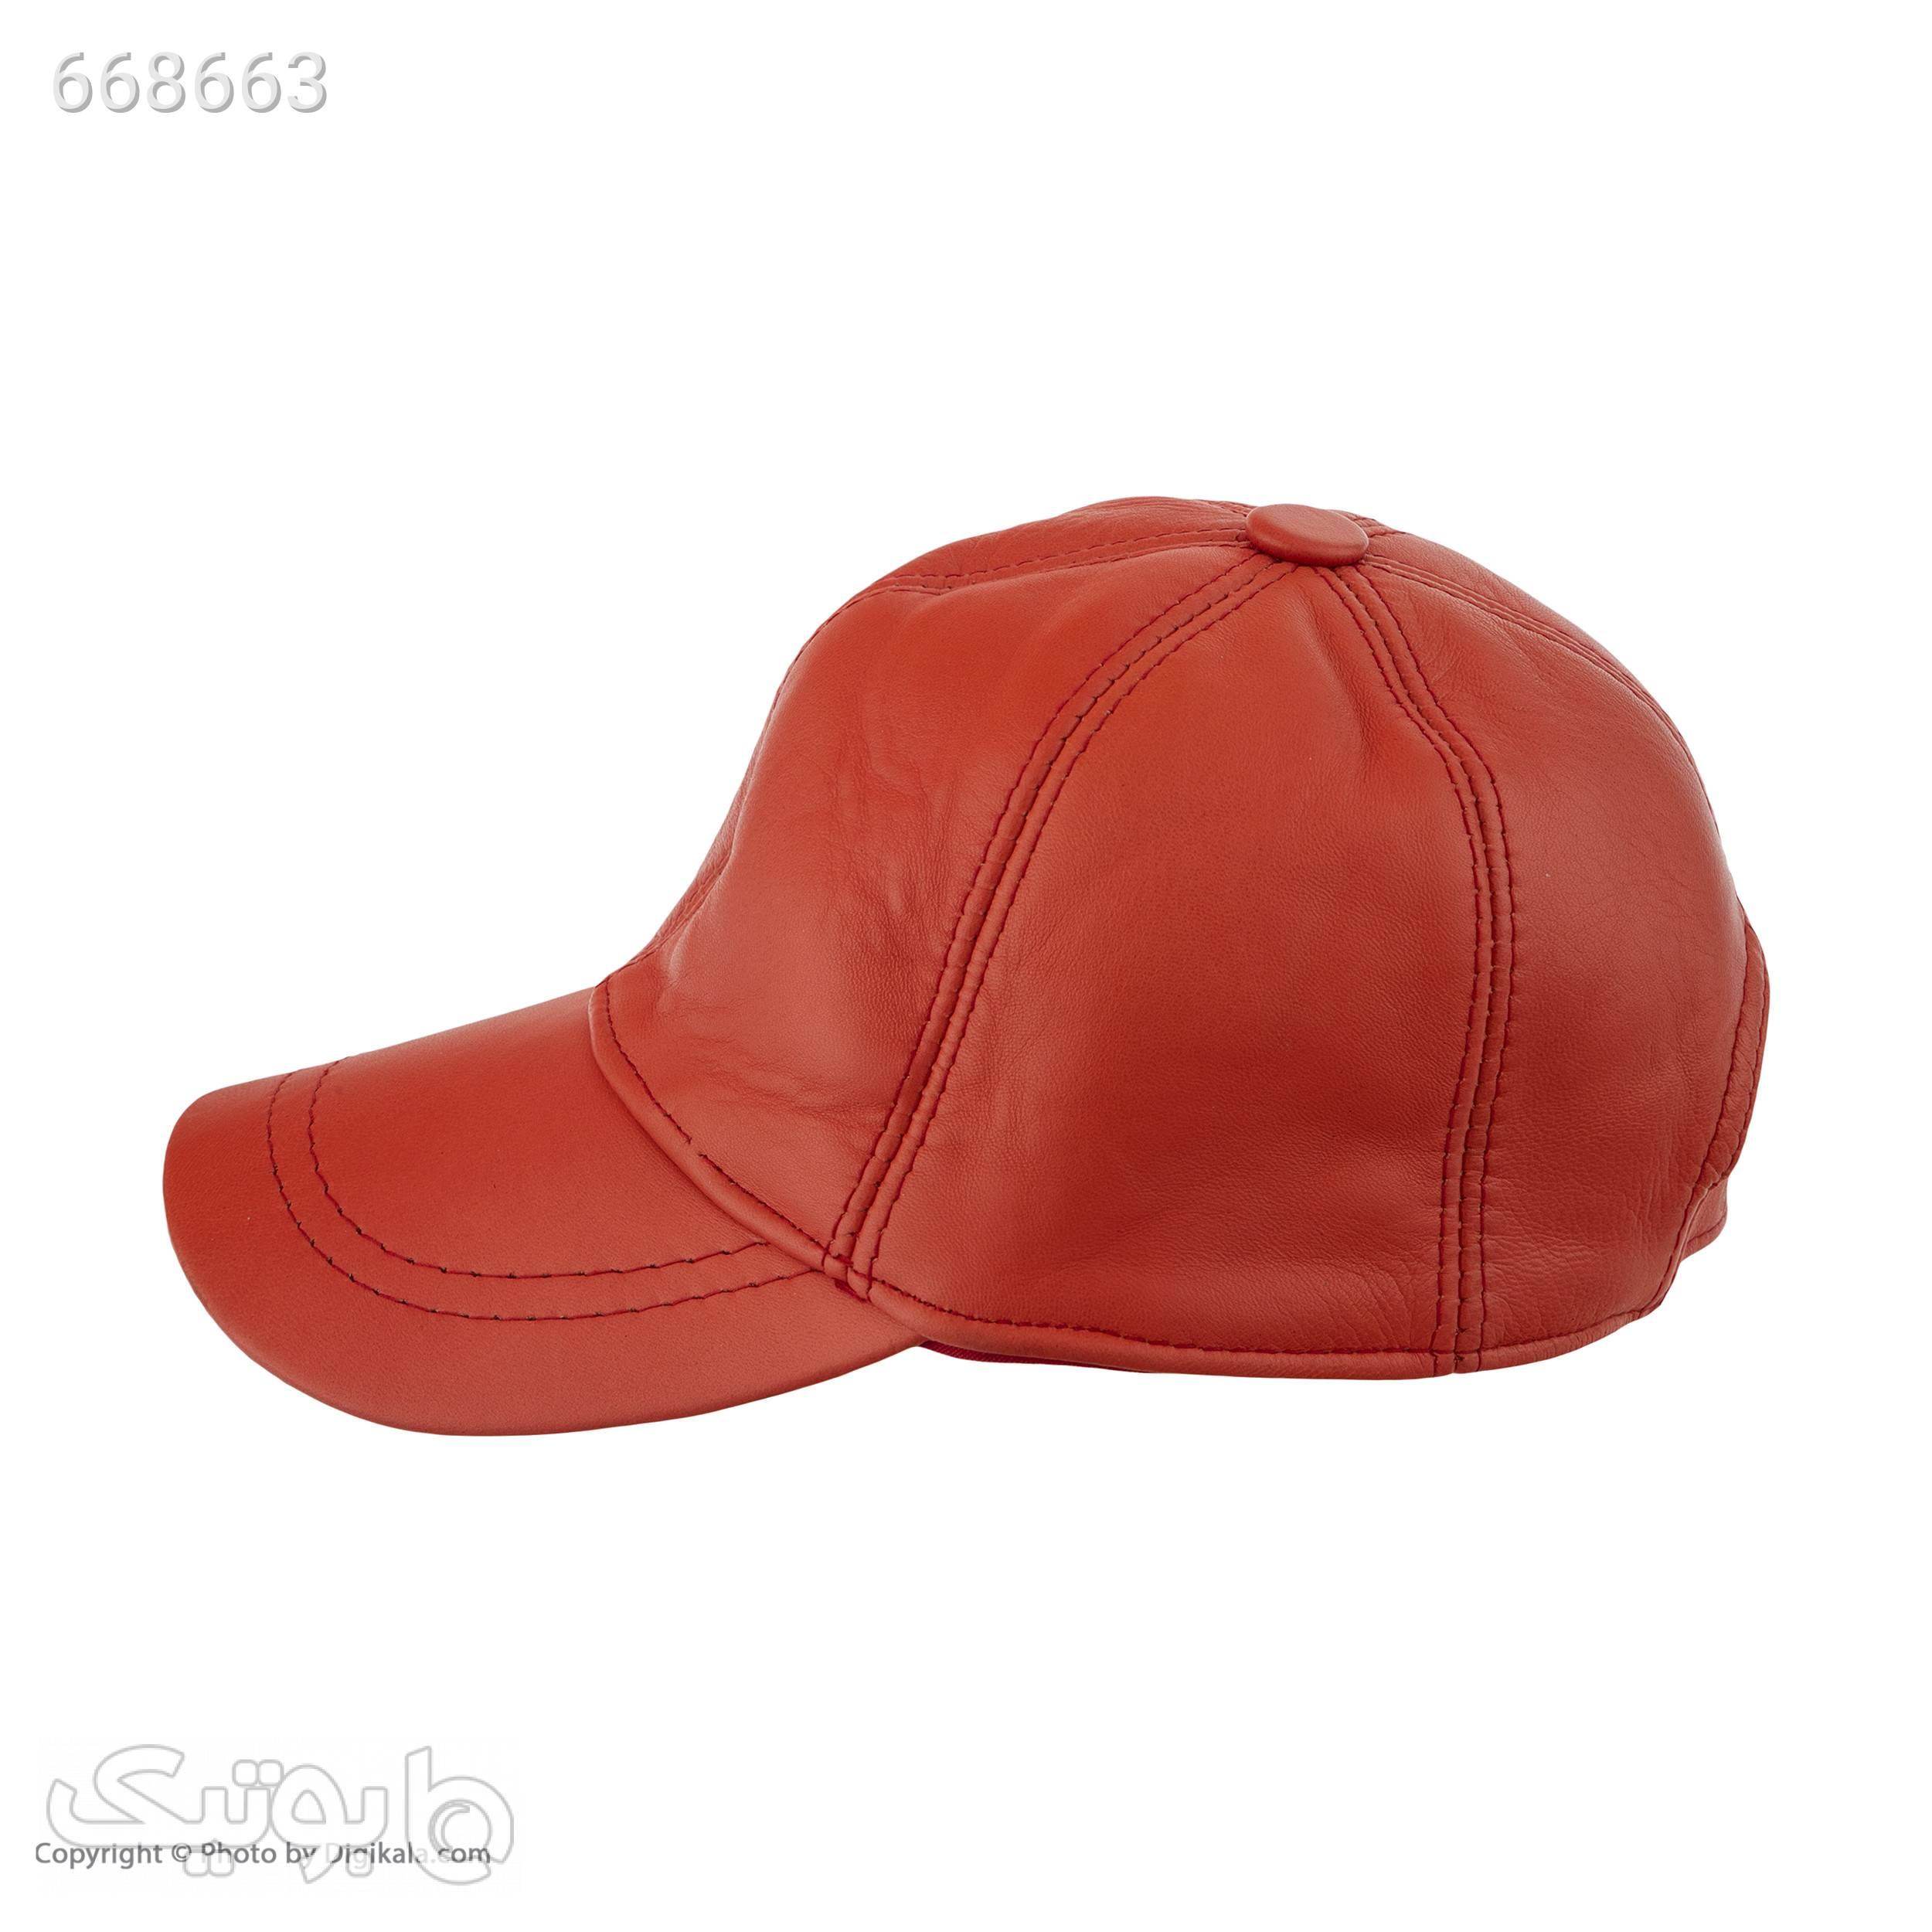 کلاه کپ شیفر مدل 8701A71 قرمز کلاه و اسکارف